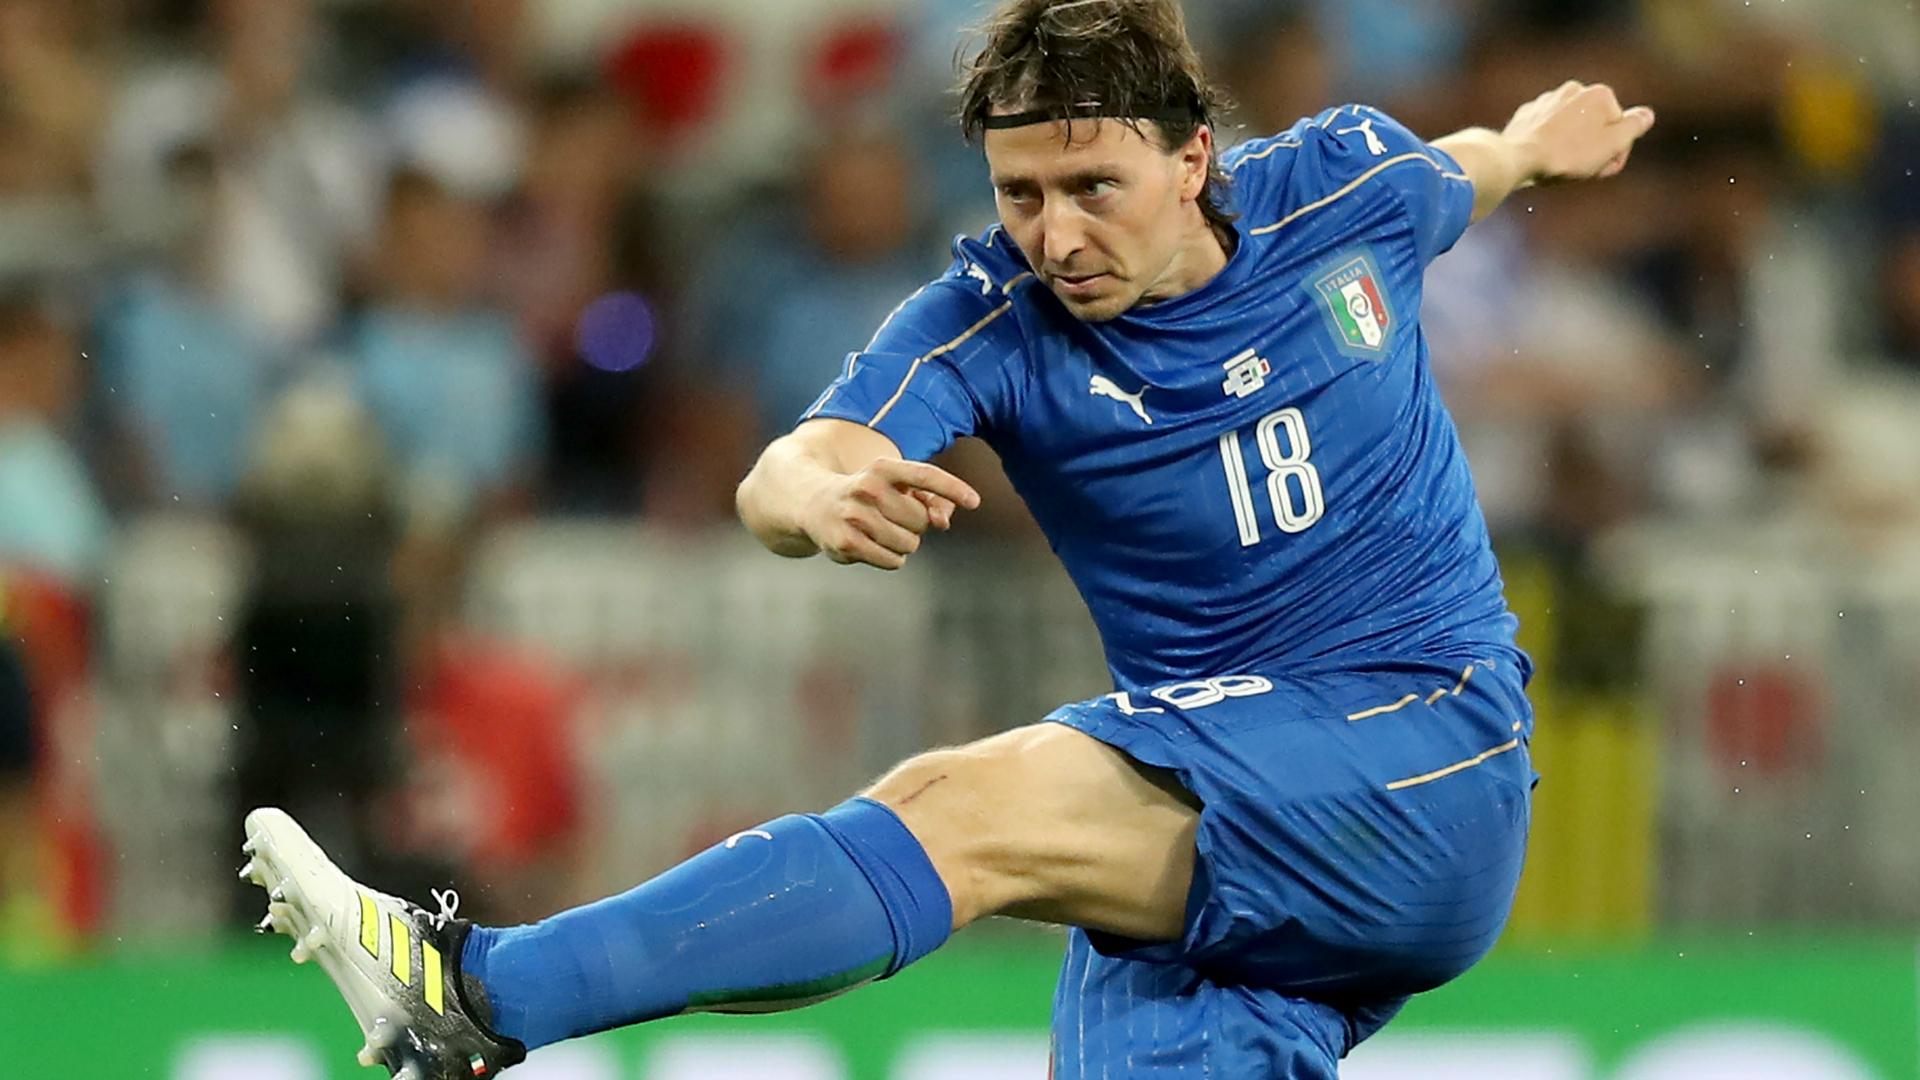 Nazionale, Italia-Uruguay: infortunio per Marchisio, al suo posto Montolivo